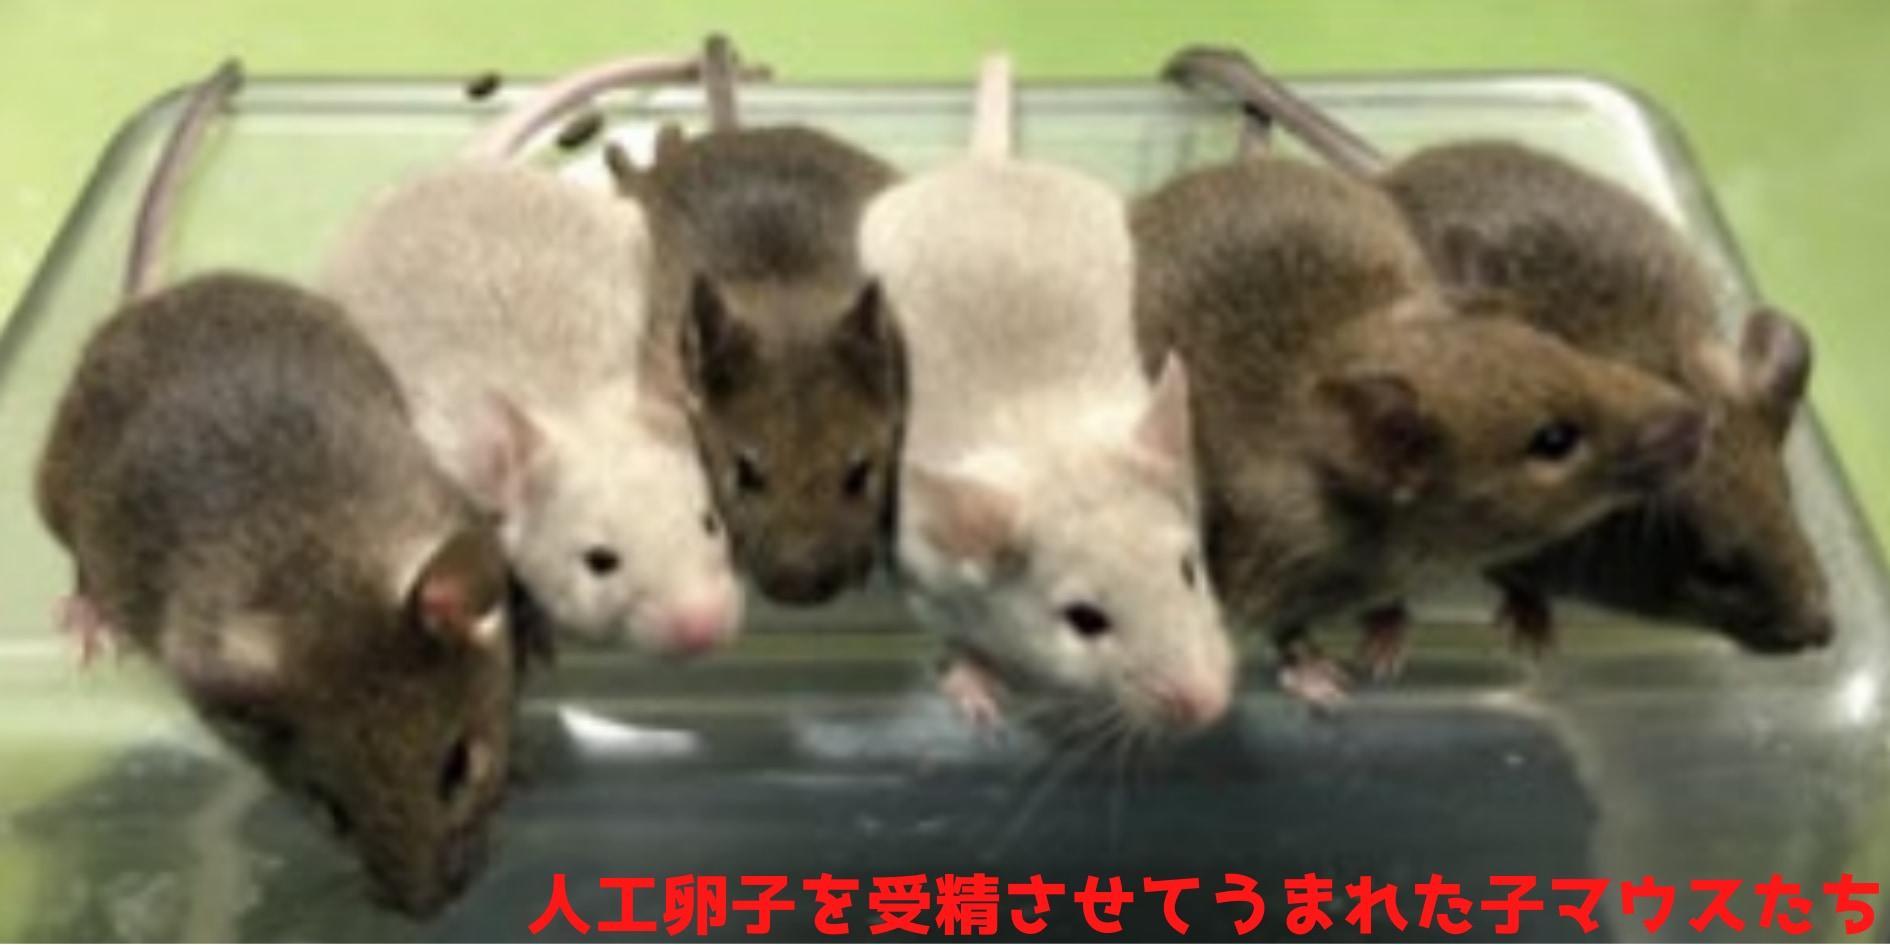 幹細胞のみで卵子を作り受精させて子マウスを誕生させることに成功!